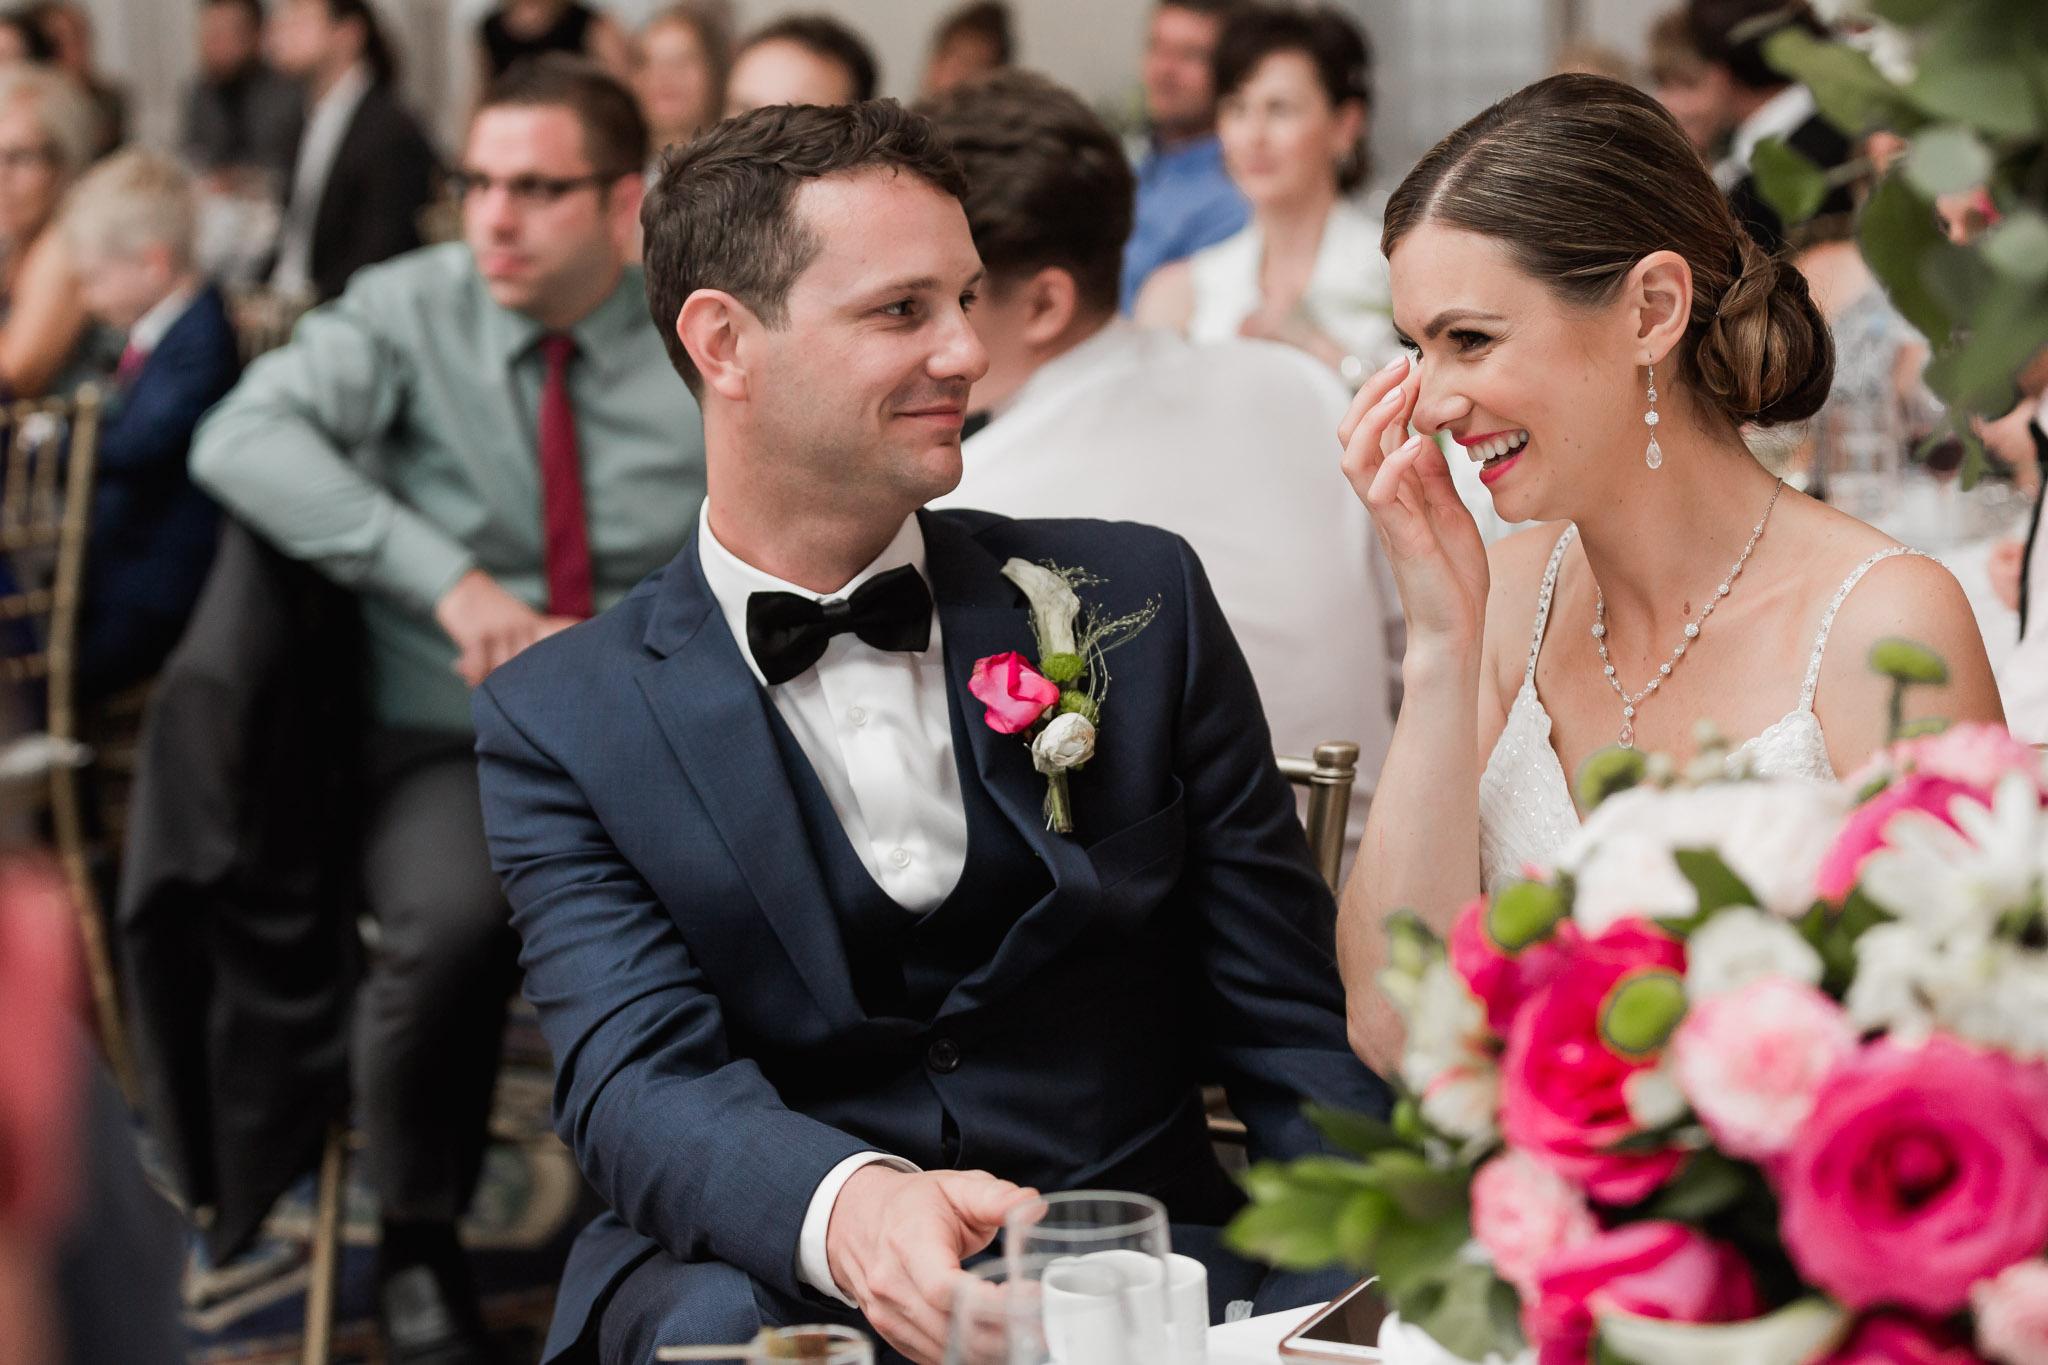 Emotional Wedding Images